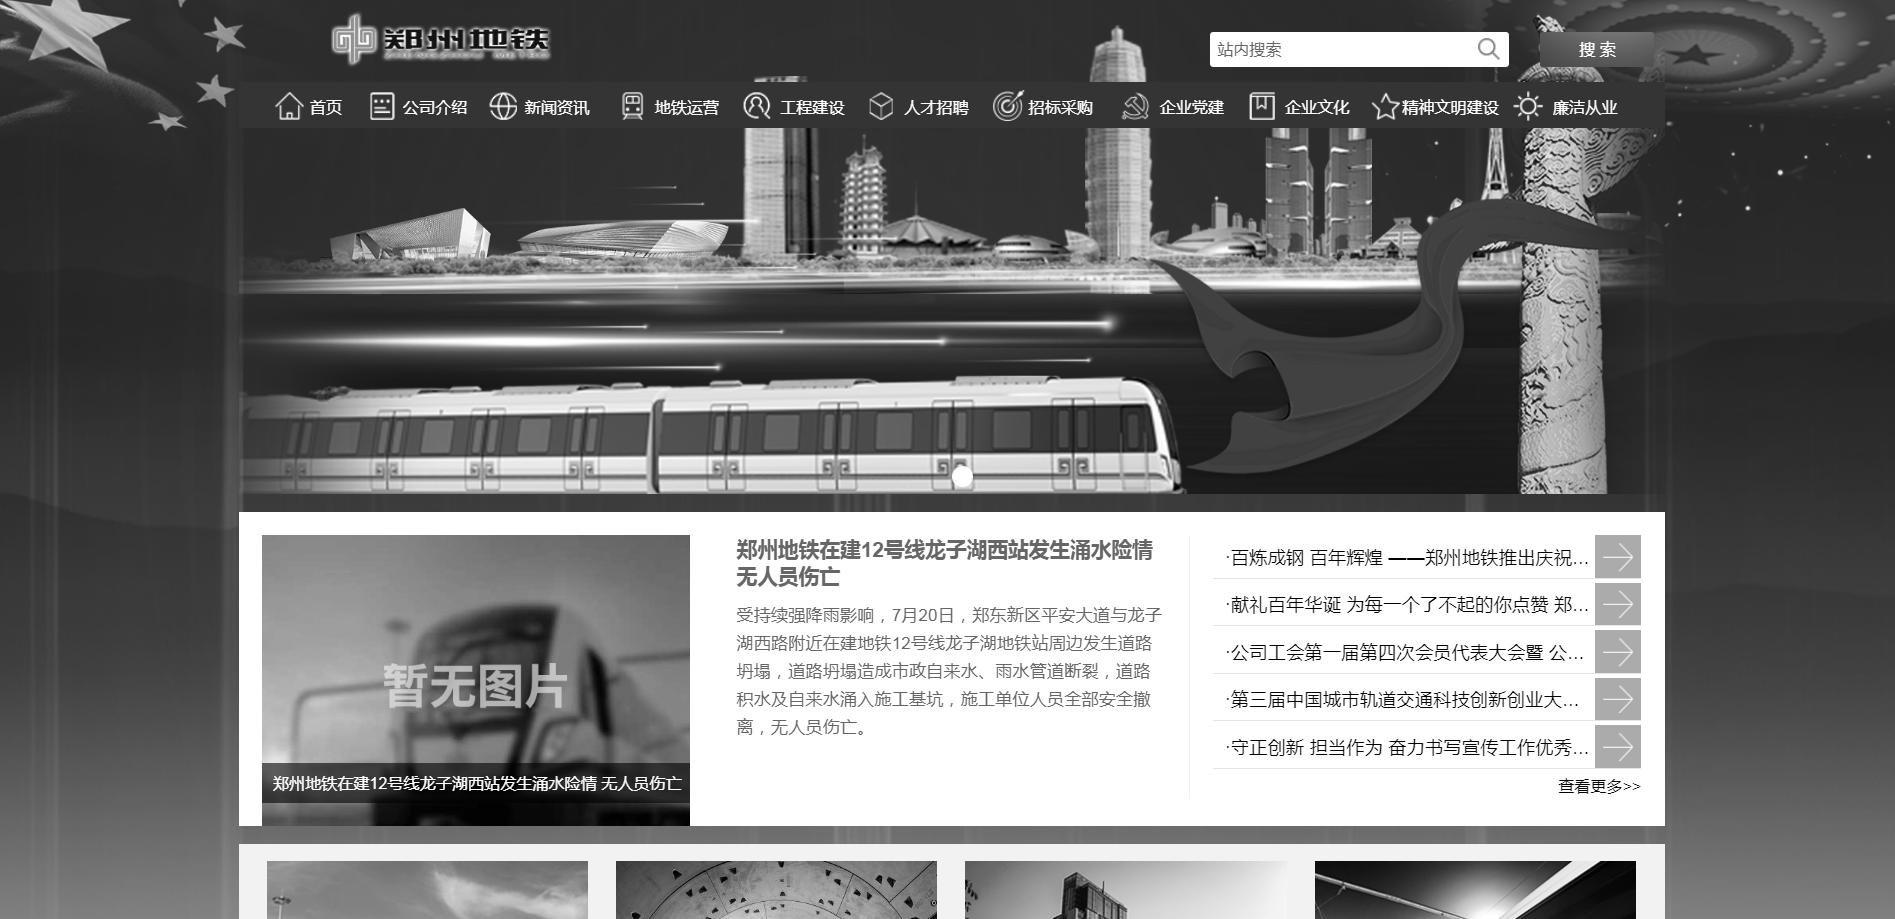 地铁公司官网已变黑白色。 截屏图